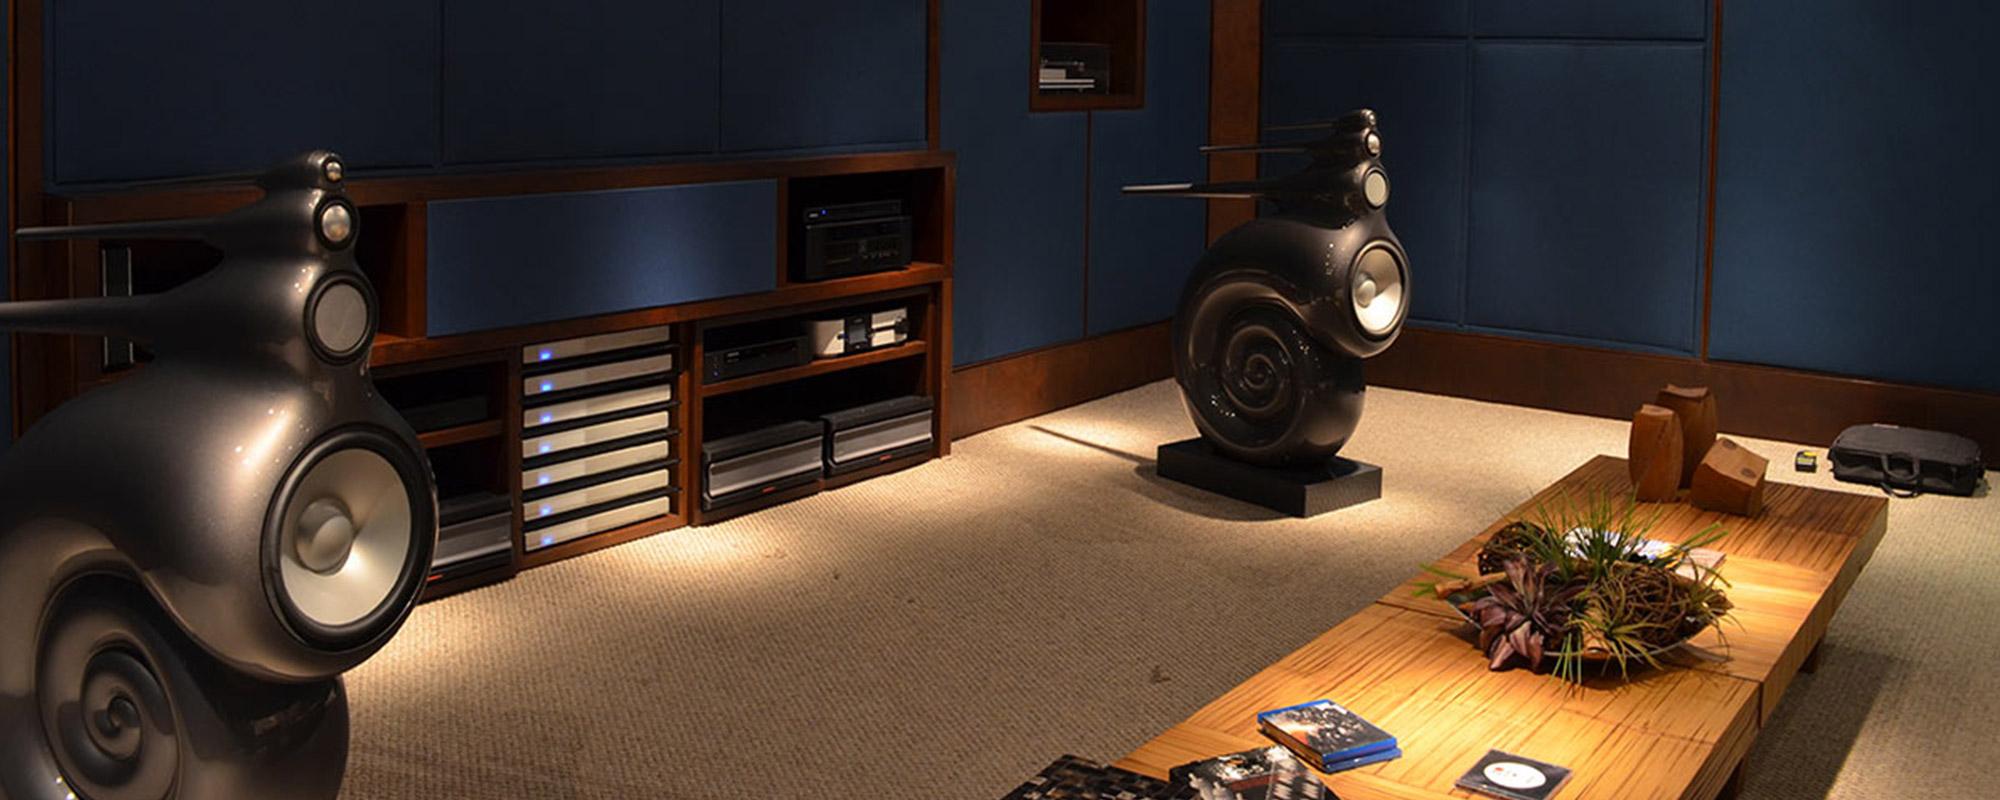 Sistemas High-end para audição de músicas